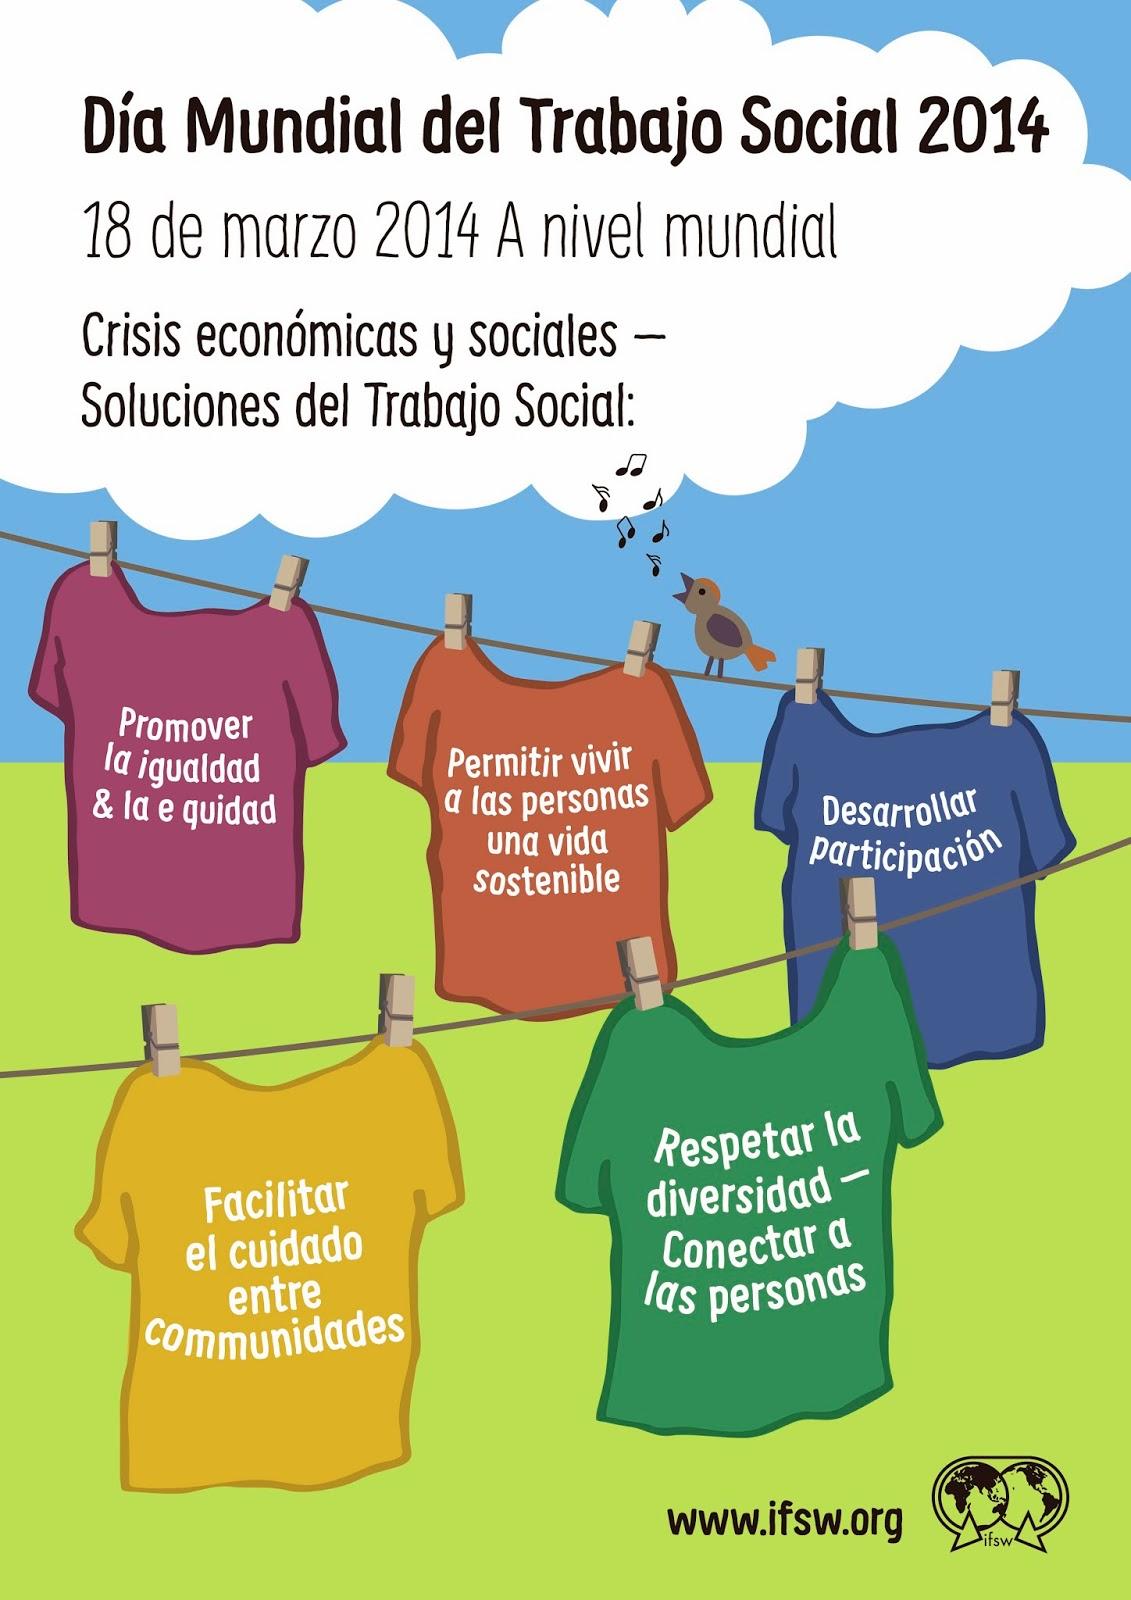 GSIA Hablando de Infancia y Adolescencia: Trabajo Social 2014